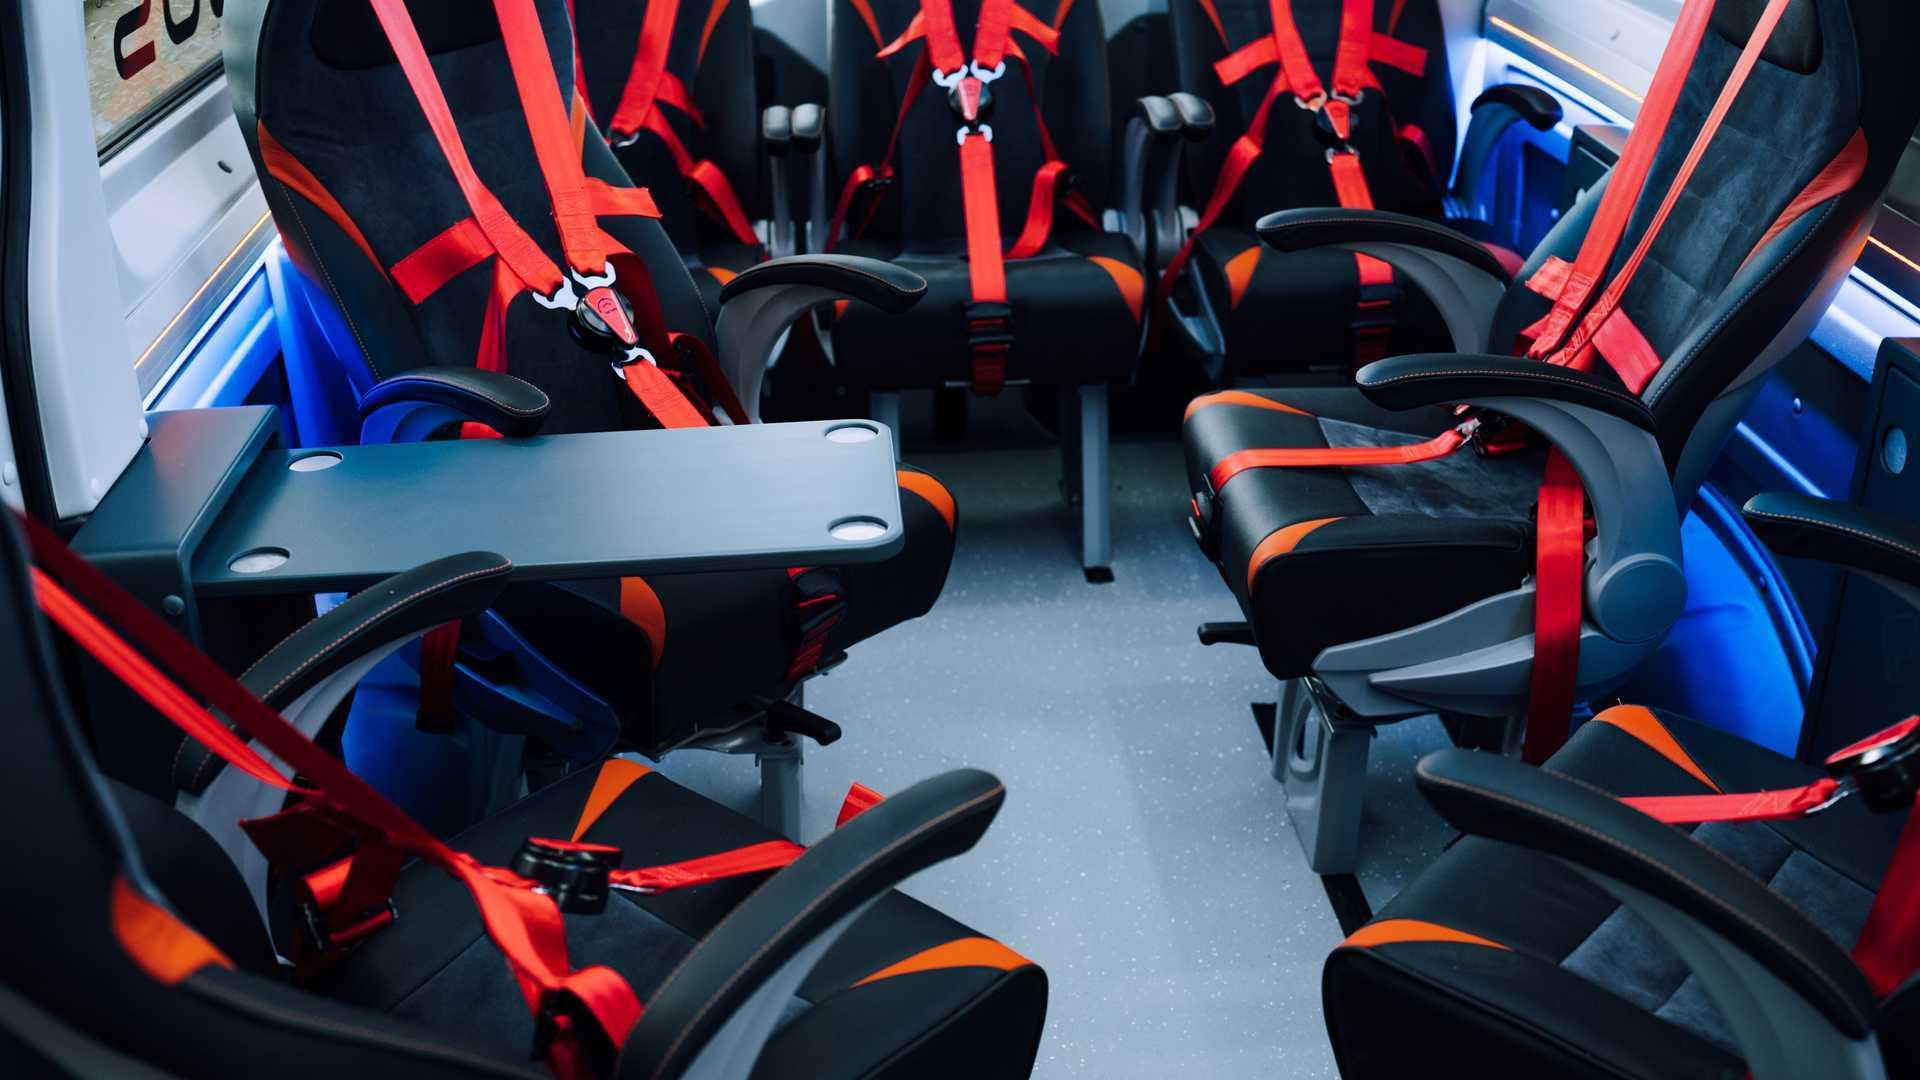 Внутренние Сиденья Автобуса Torsus Terrastorm